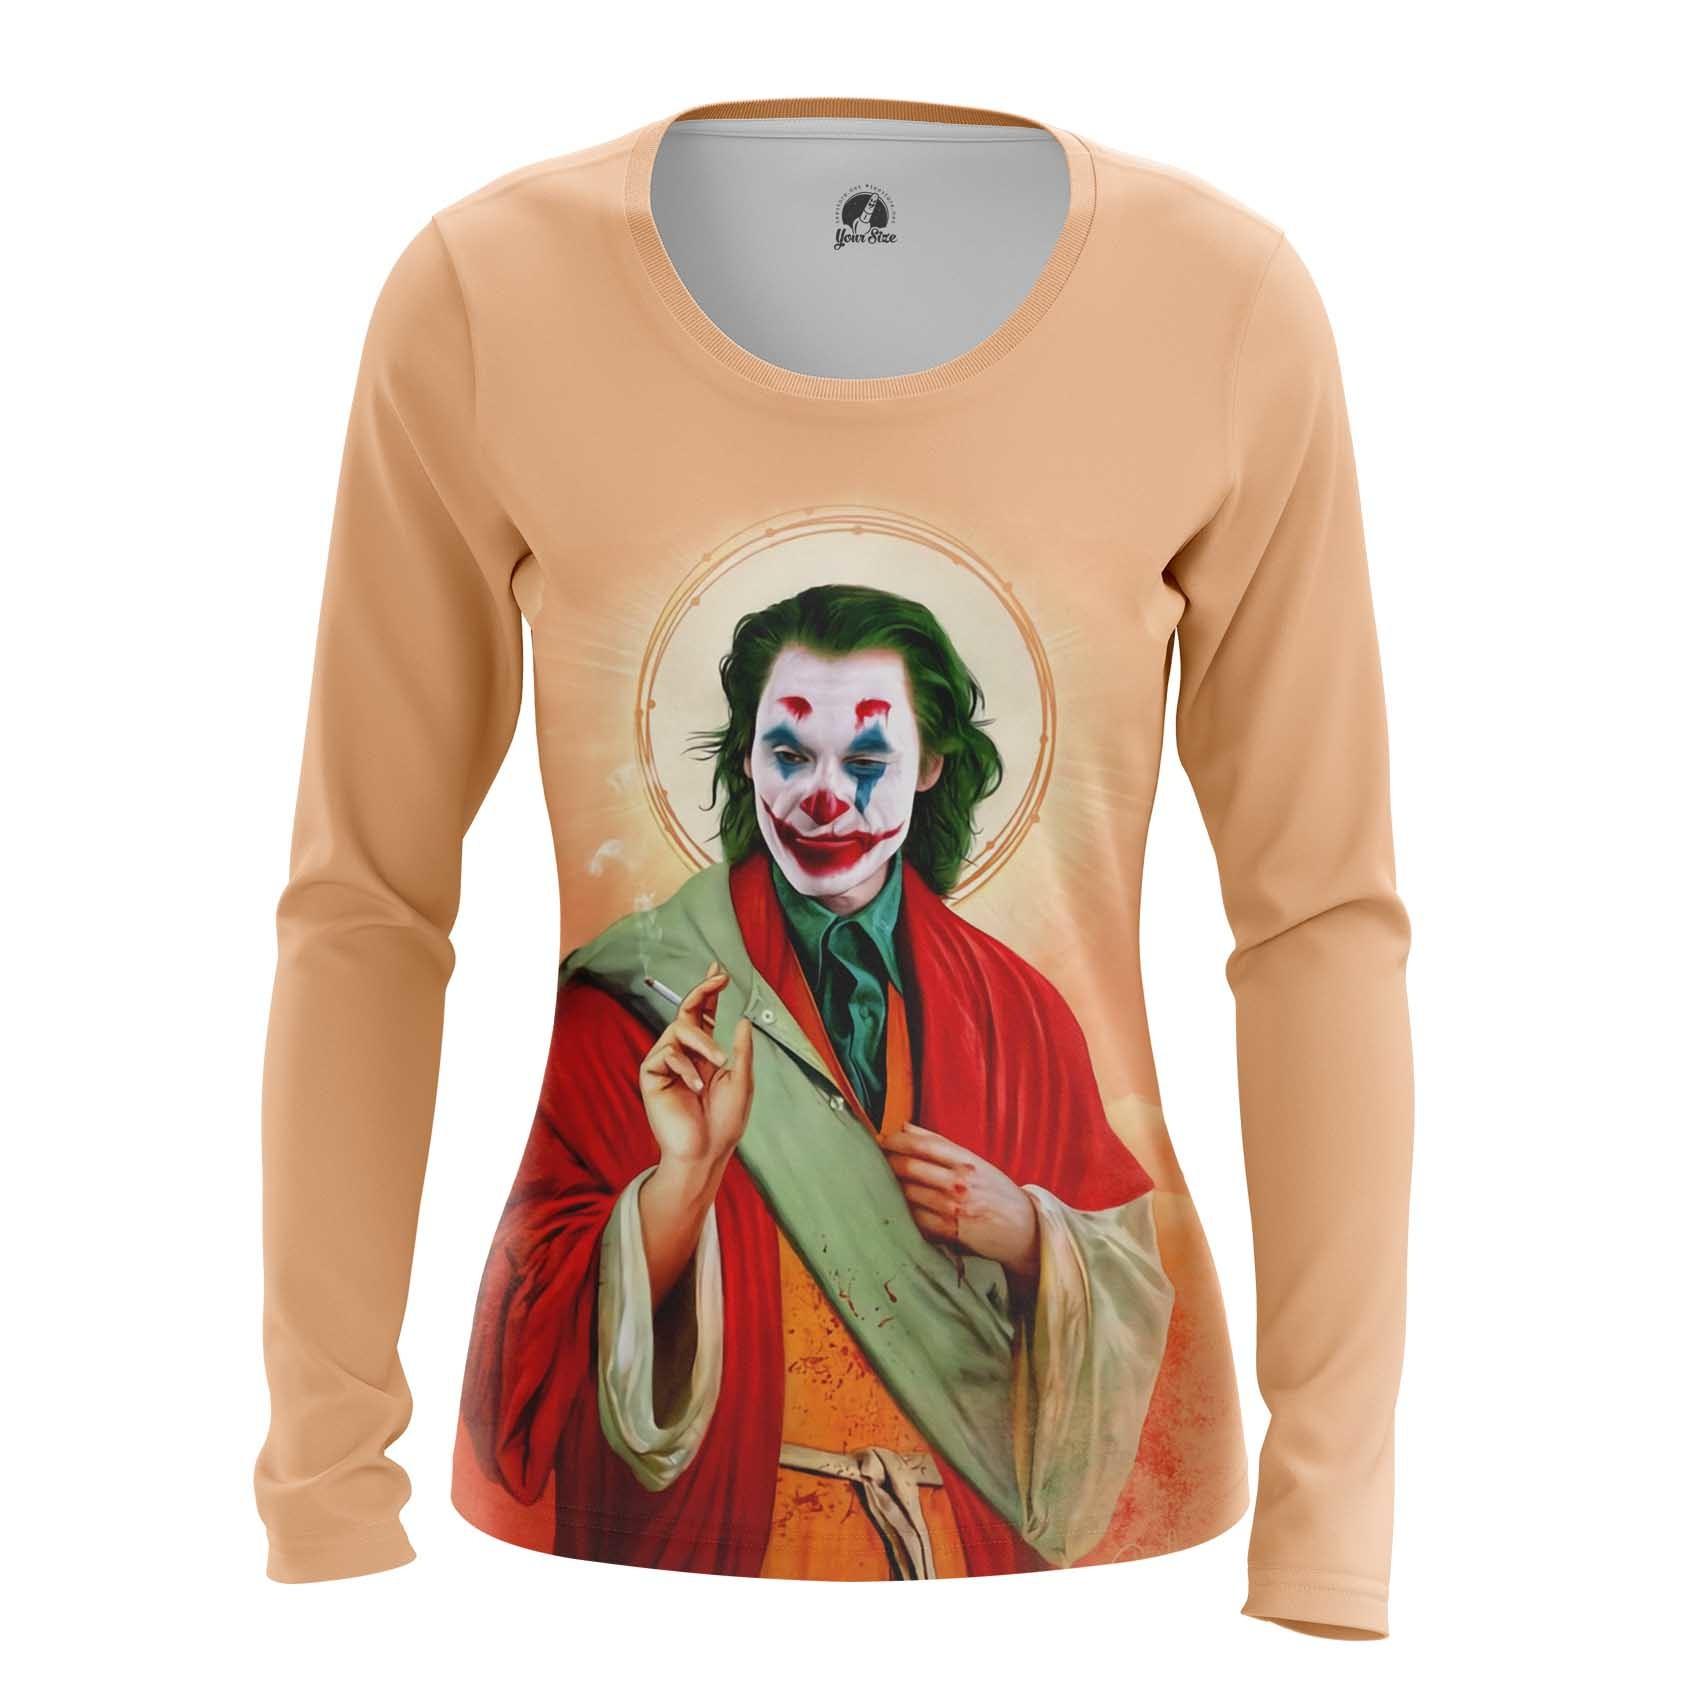 Collectibles Womens Tank Saint Joker Print